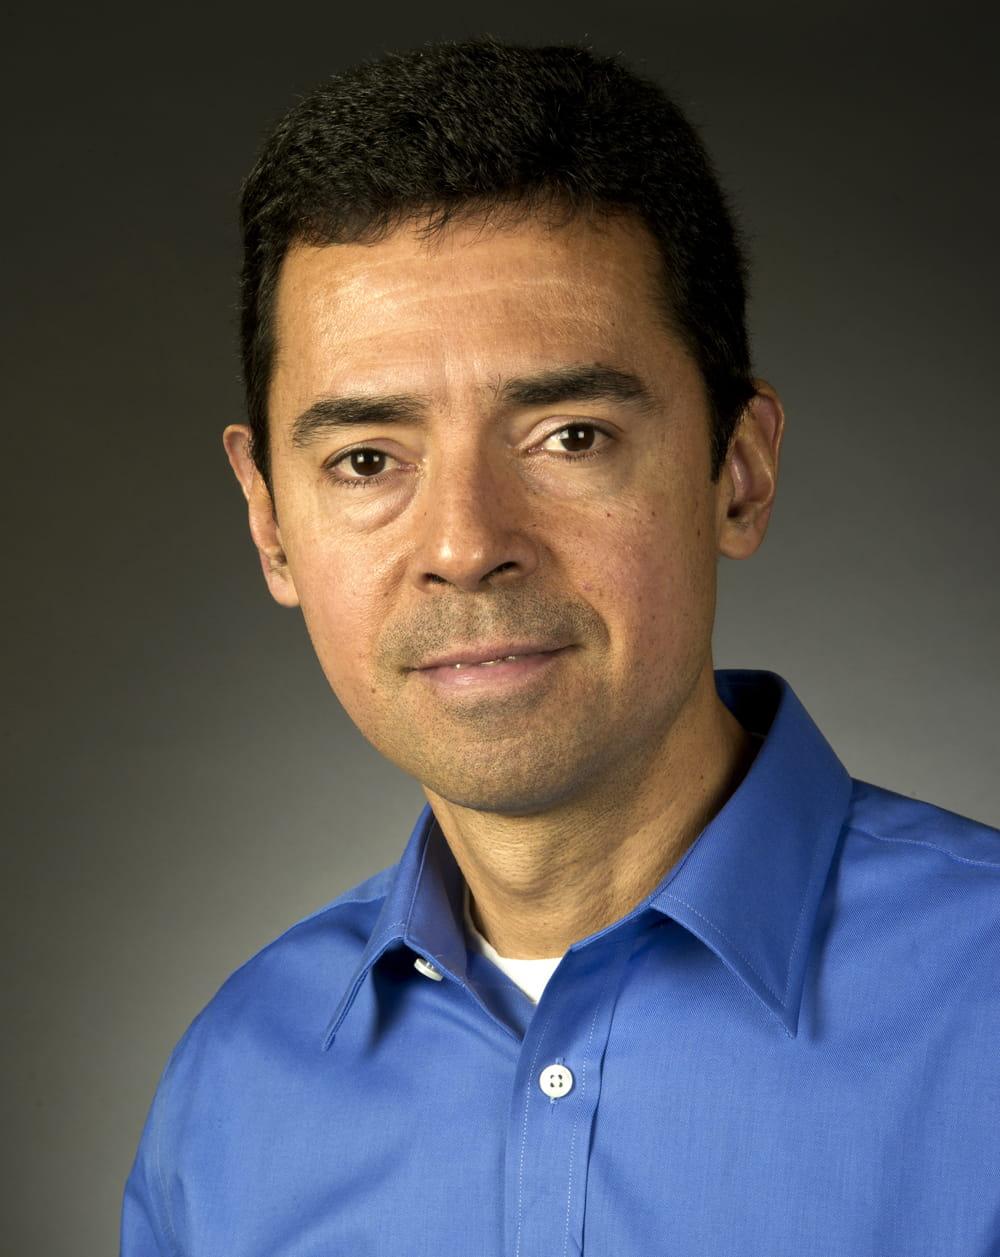 Miguel Amaya